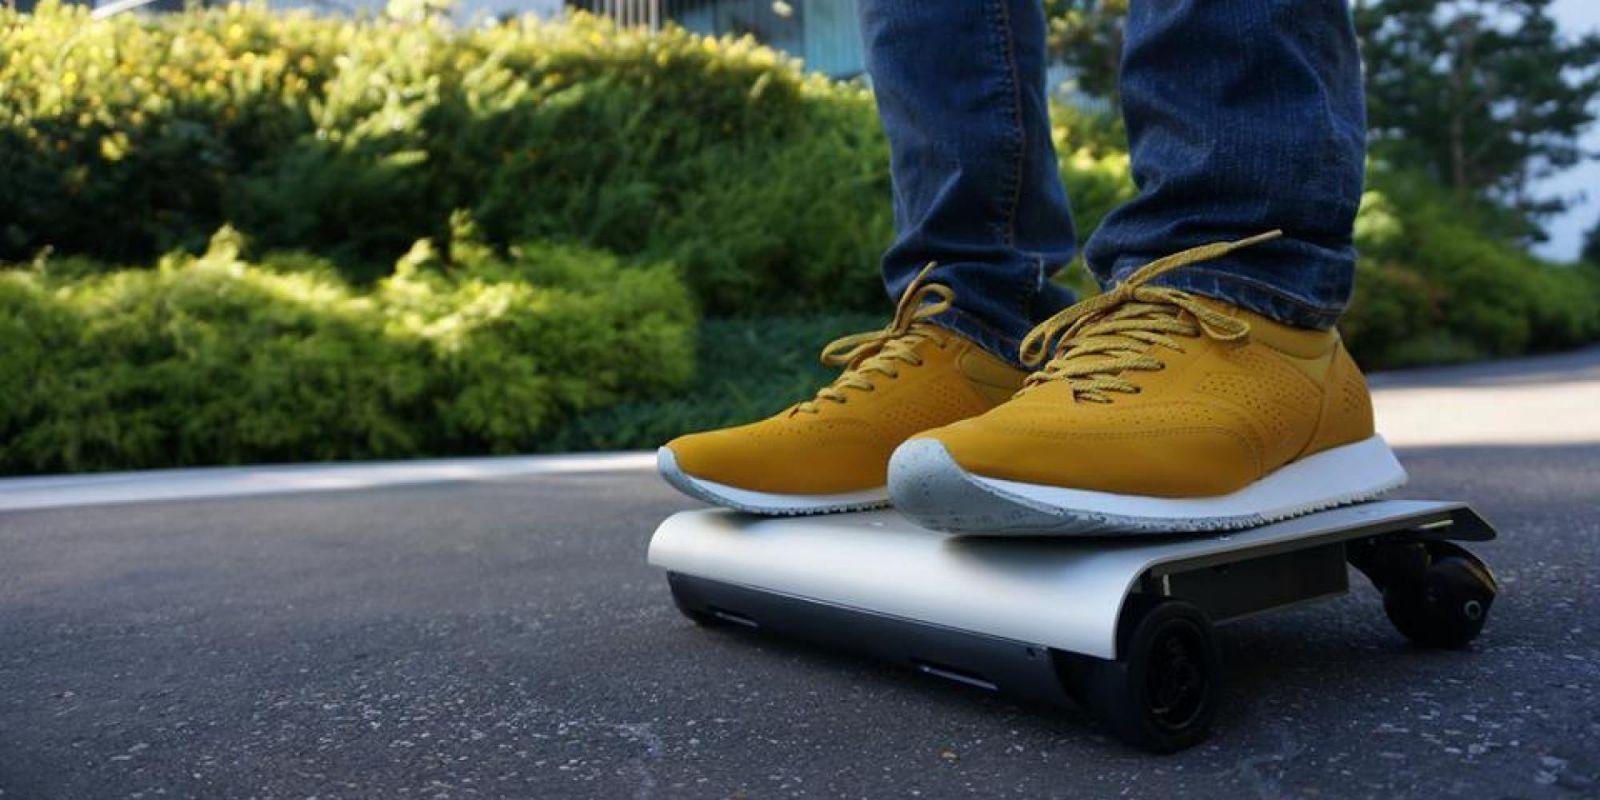 Pocket-транспортное средство WalkCar